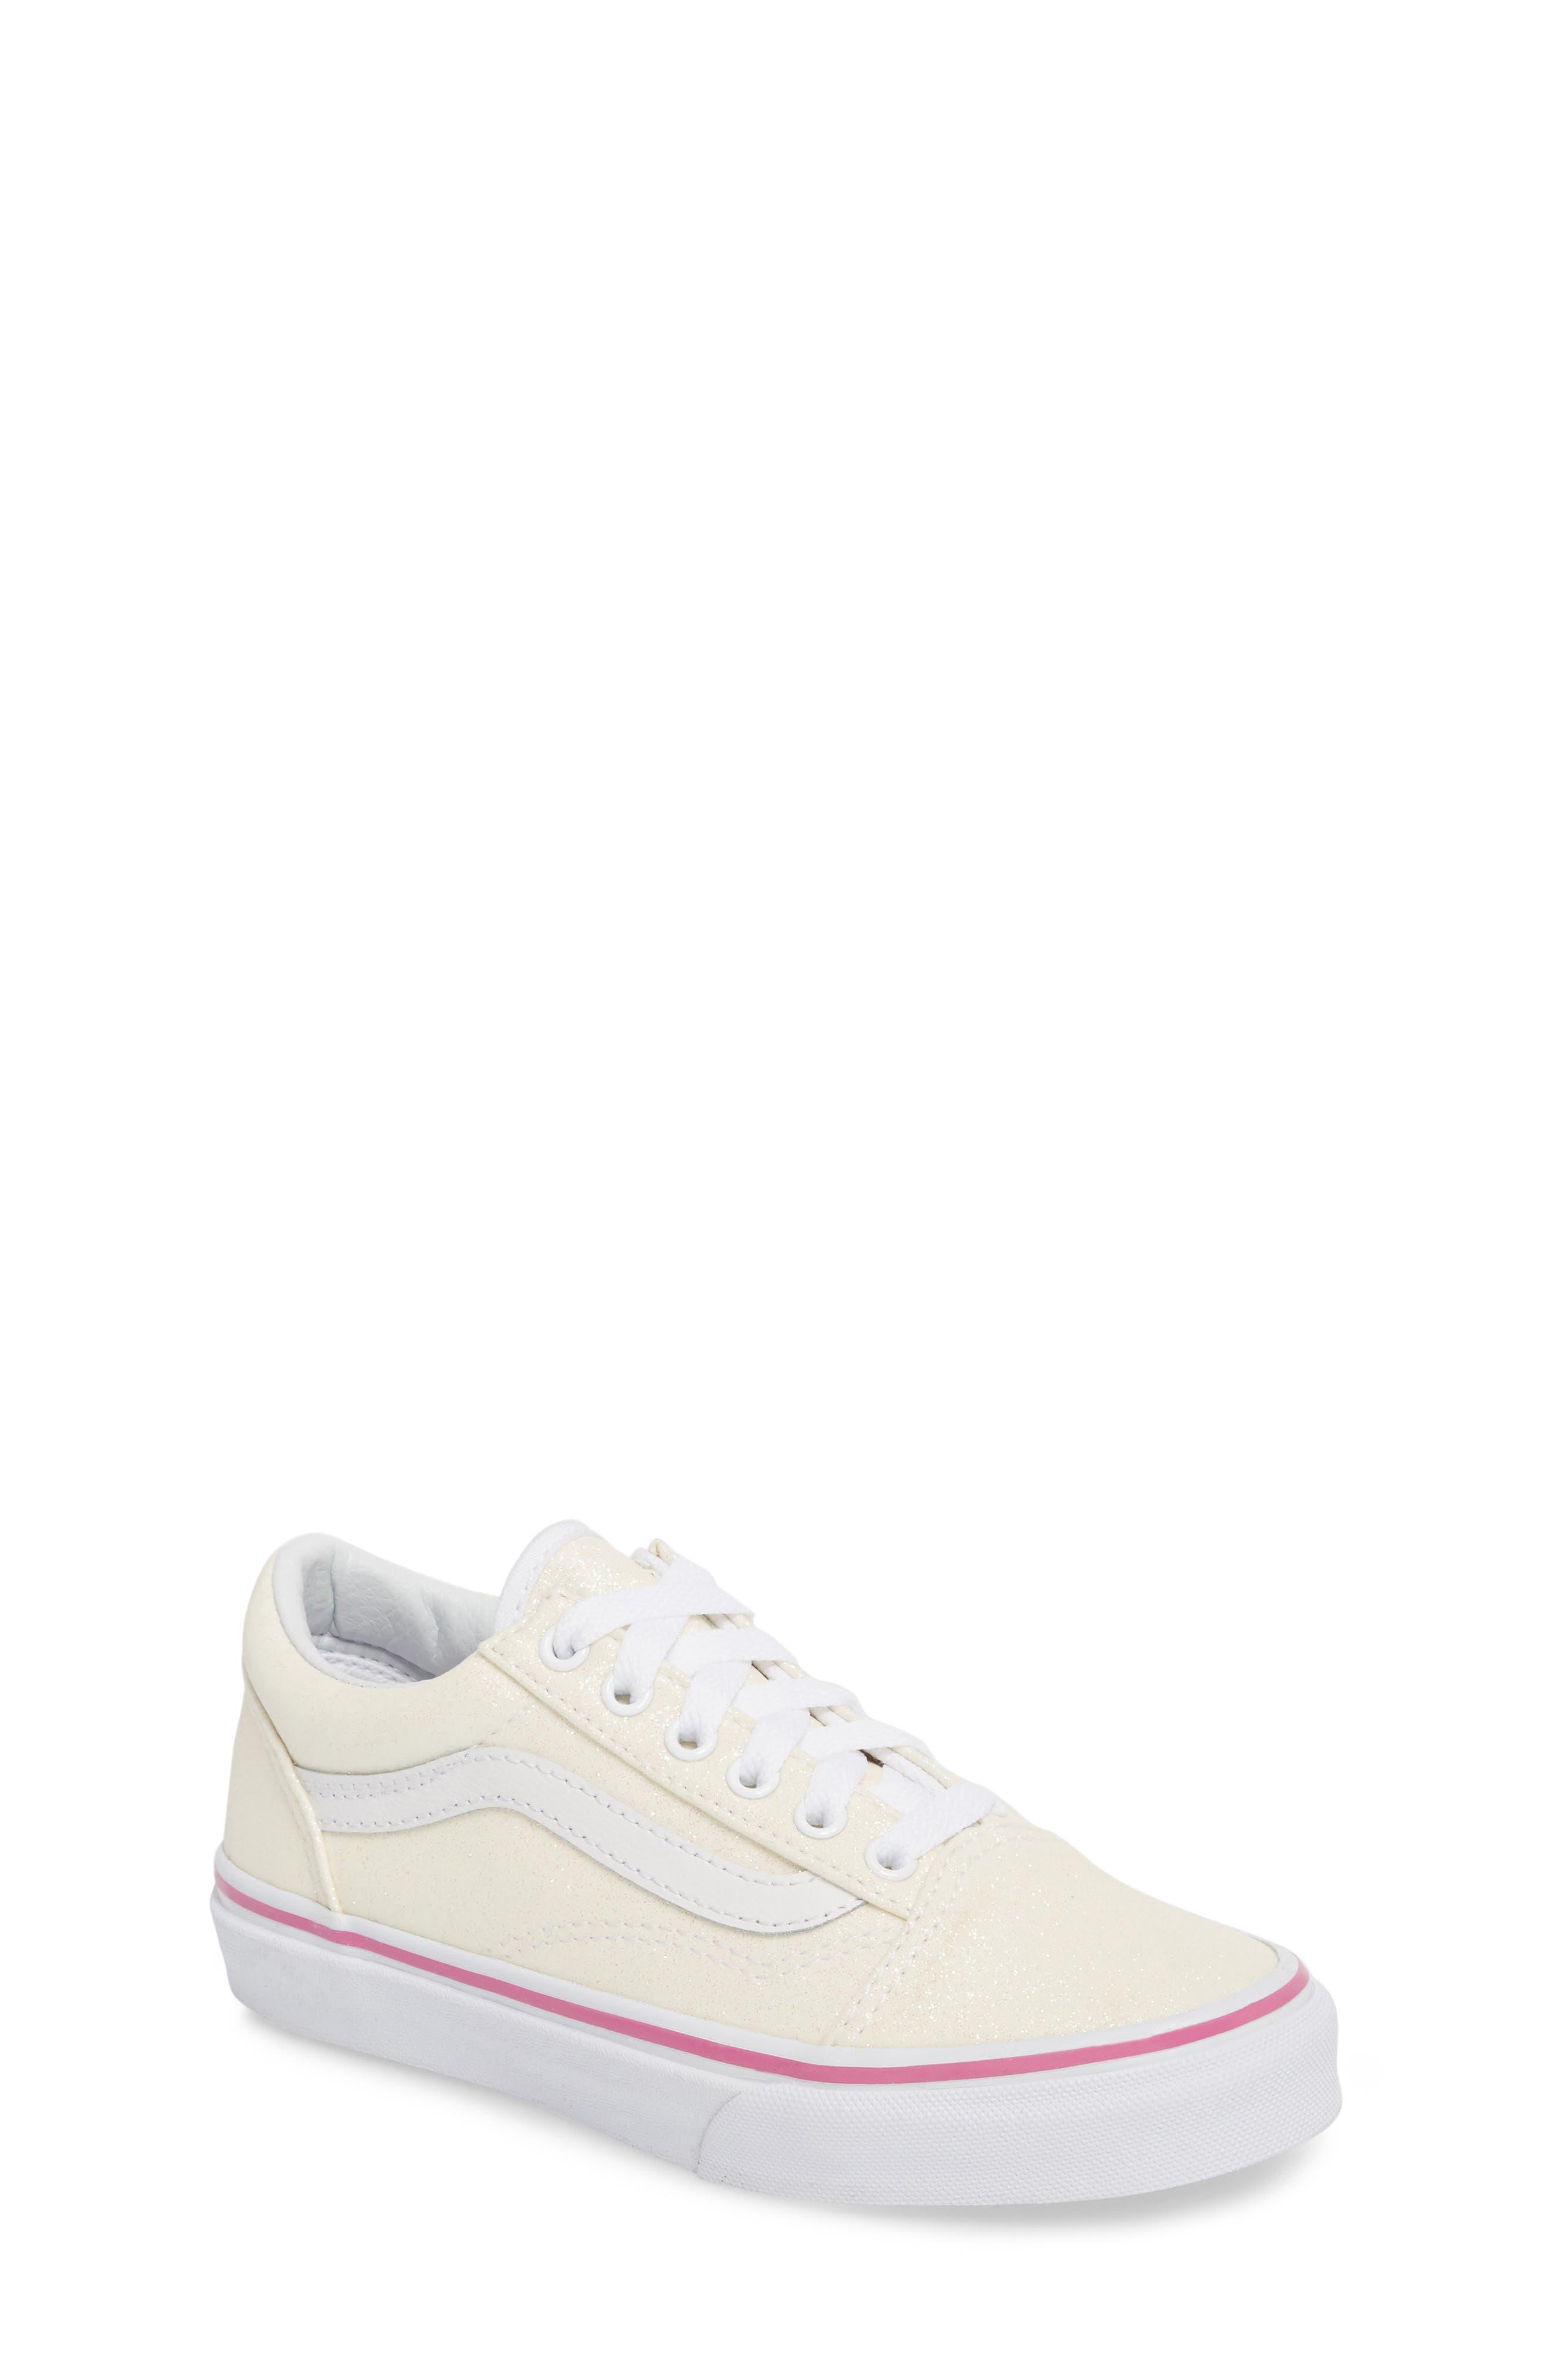 Old Skool Sneaker,                             Main thumbnail 1, color,                             Rainbow White Glitter